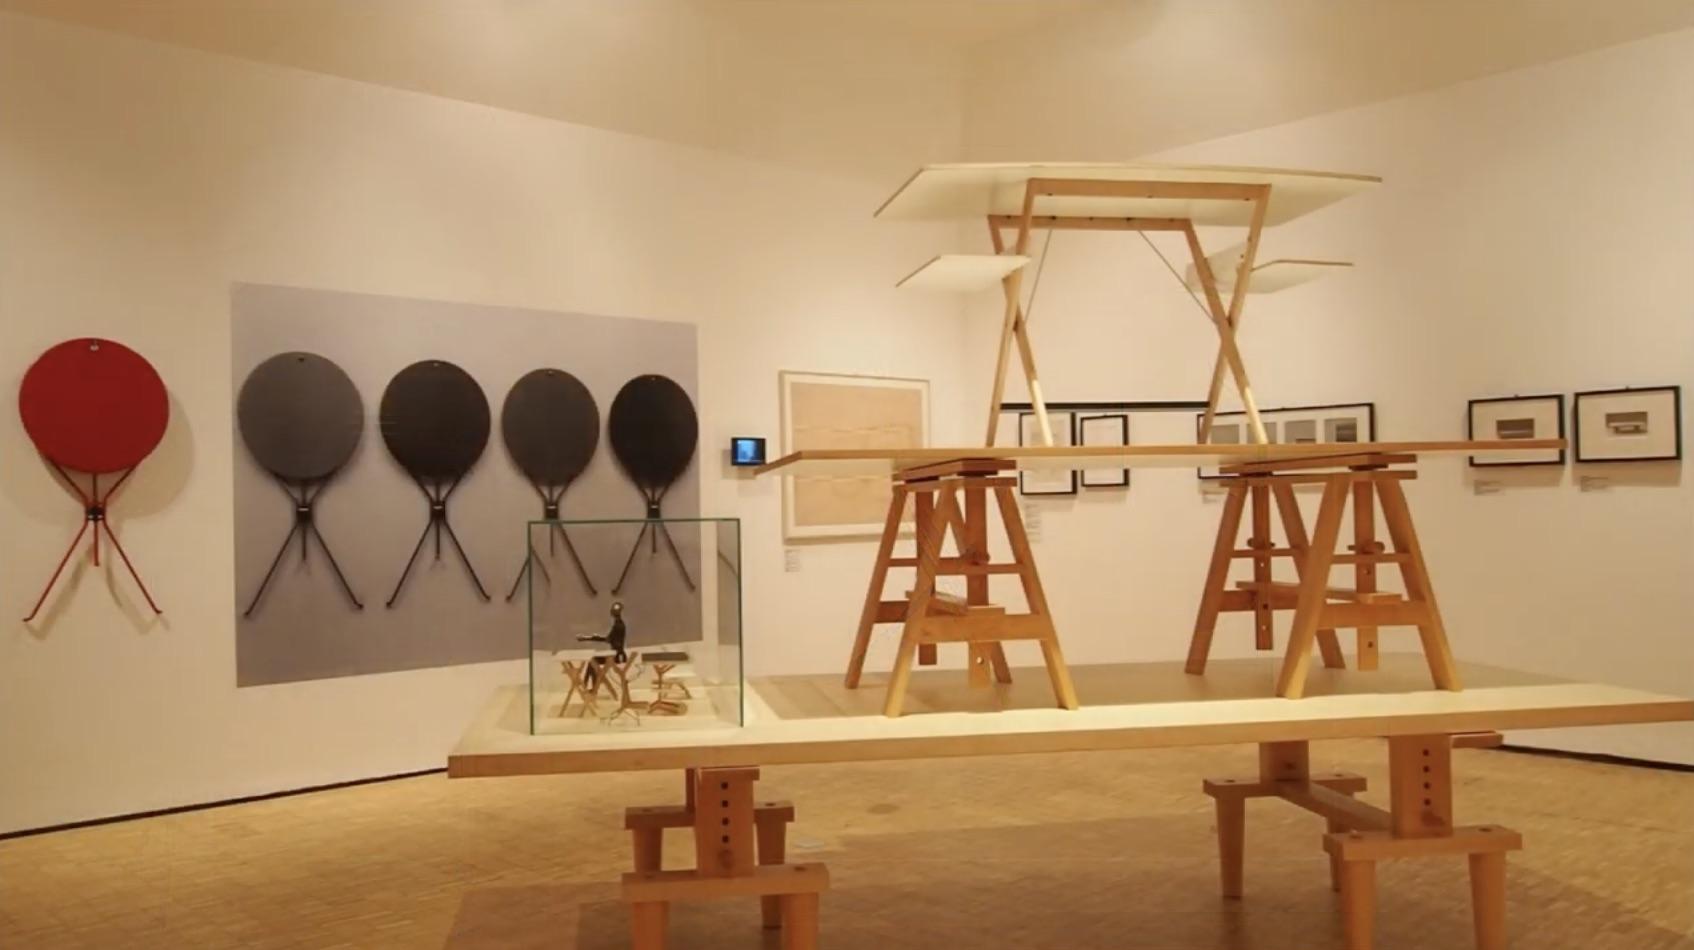 View of the Achille Castiglioni exhibition at the Triennale di Milano